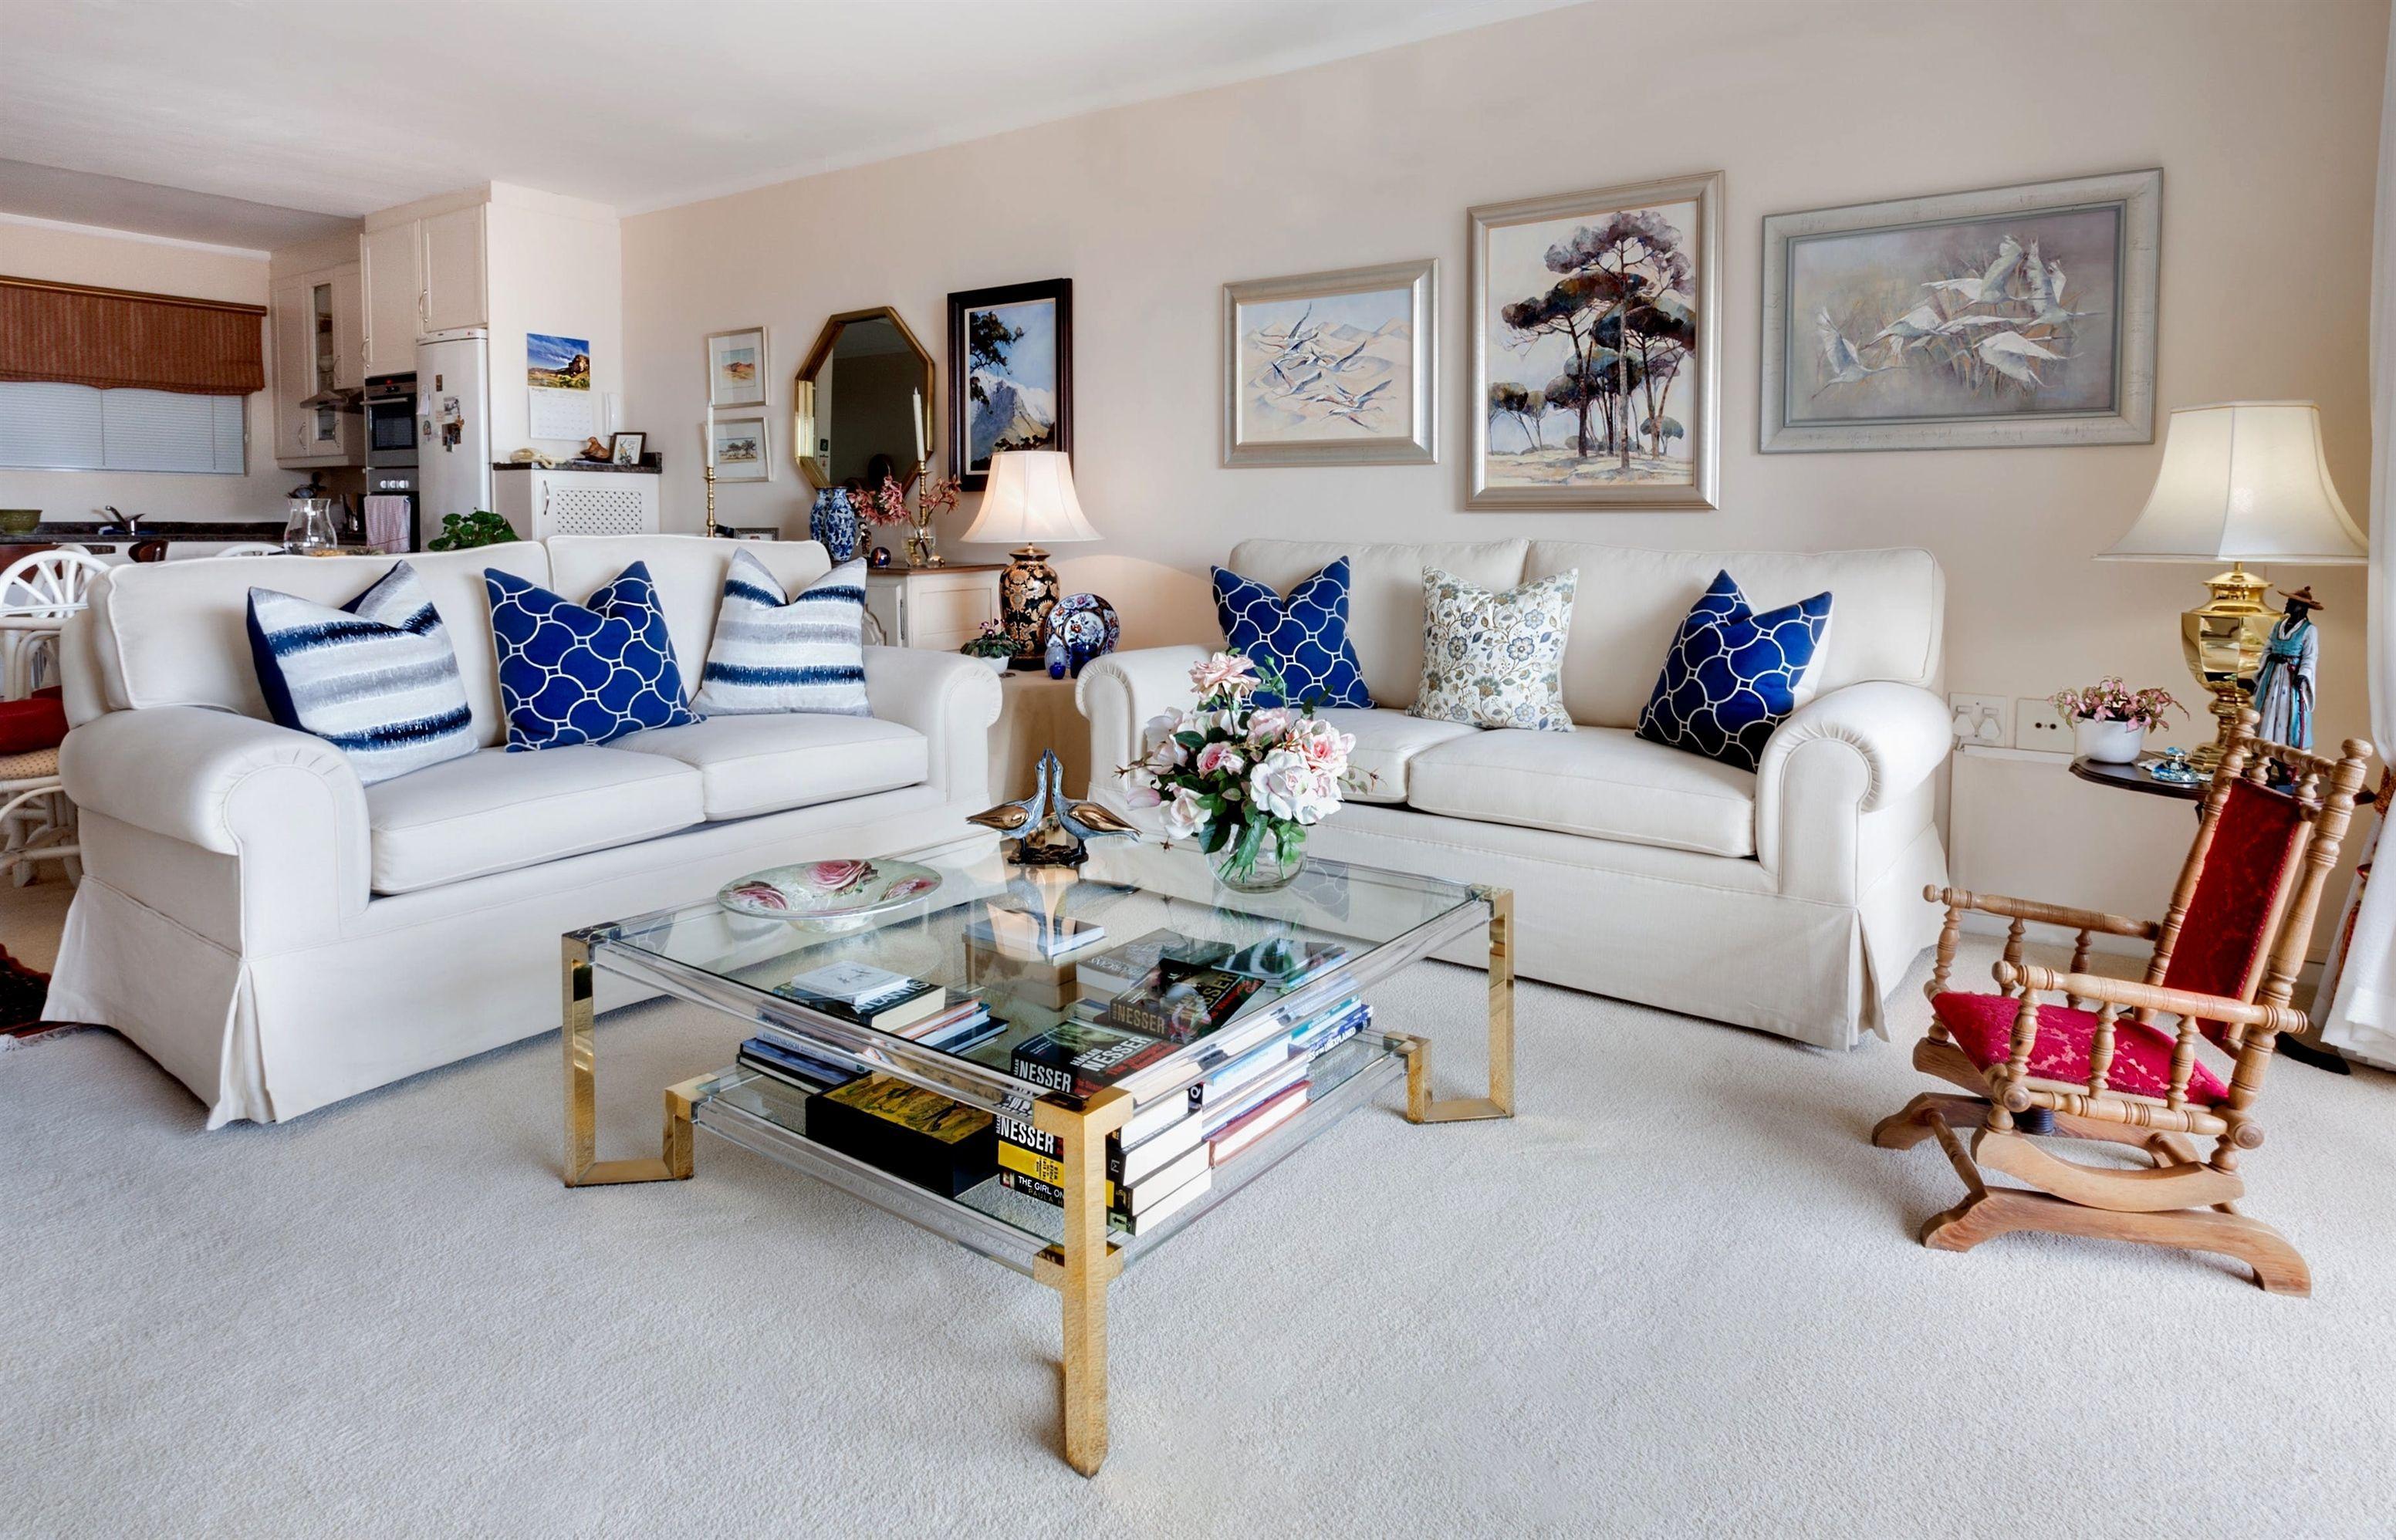 purple #home decor accessories_11_11_11 #home decor